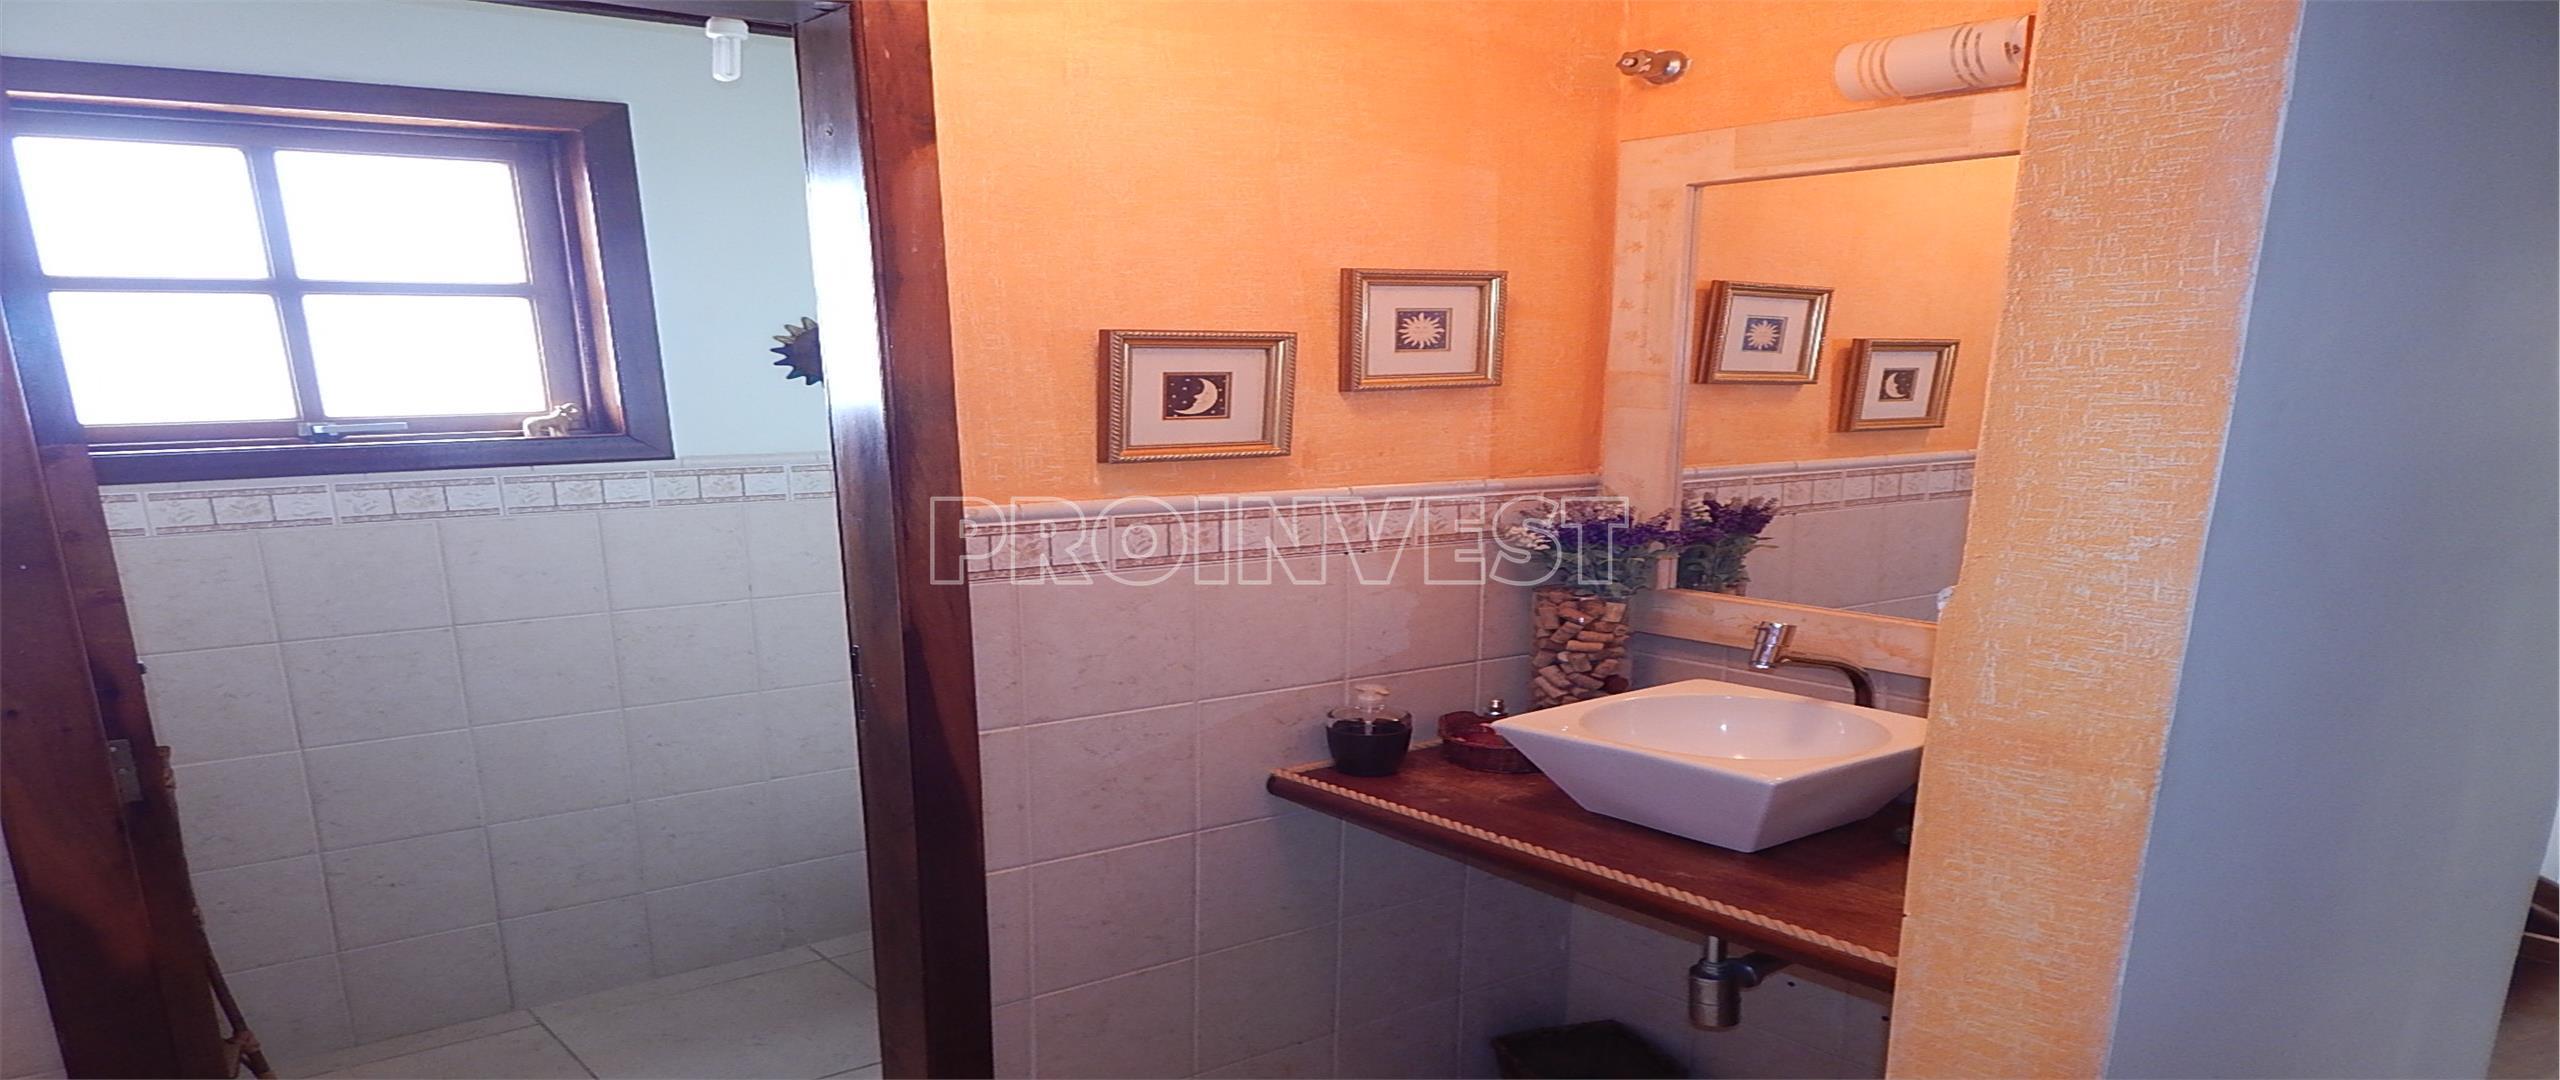 Casa de 2 dormitórios em Granja Viana, Embu Das Artes - SP